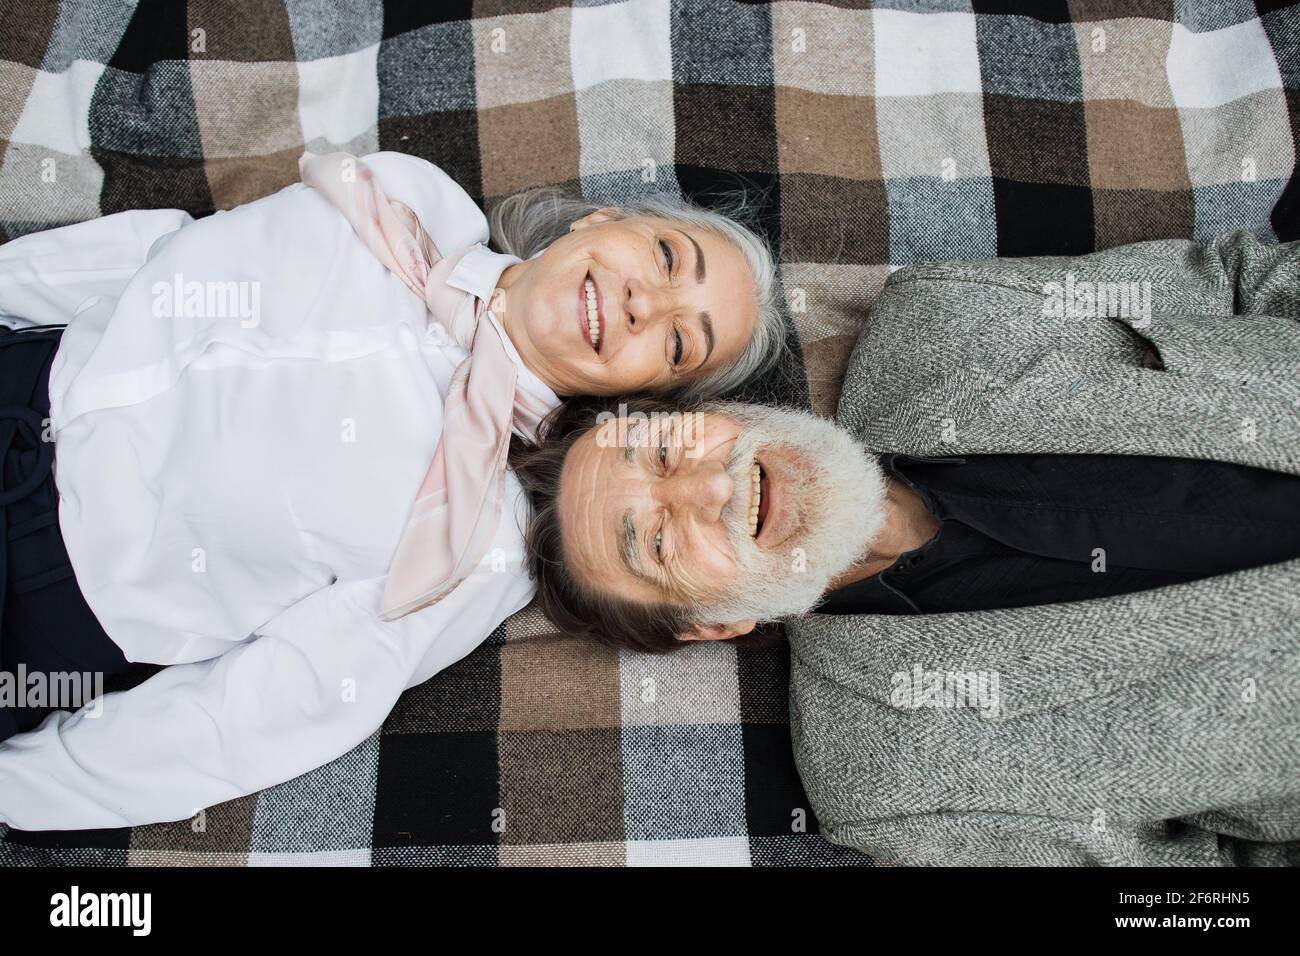 Vue de dessus d'un couple d'âge mûr caucasien allongé tête à tête sur une couverture à damier et souriant sur l'appareil photo. Bonne retraite. Amour pour les âges. Banque D'Images